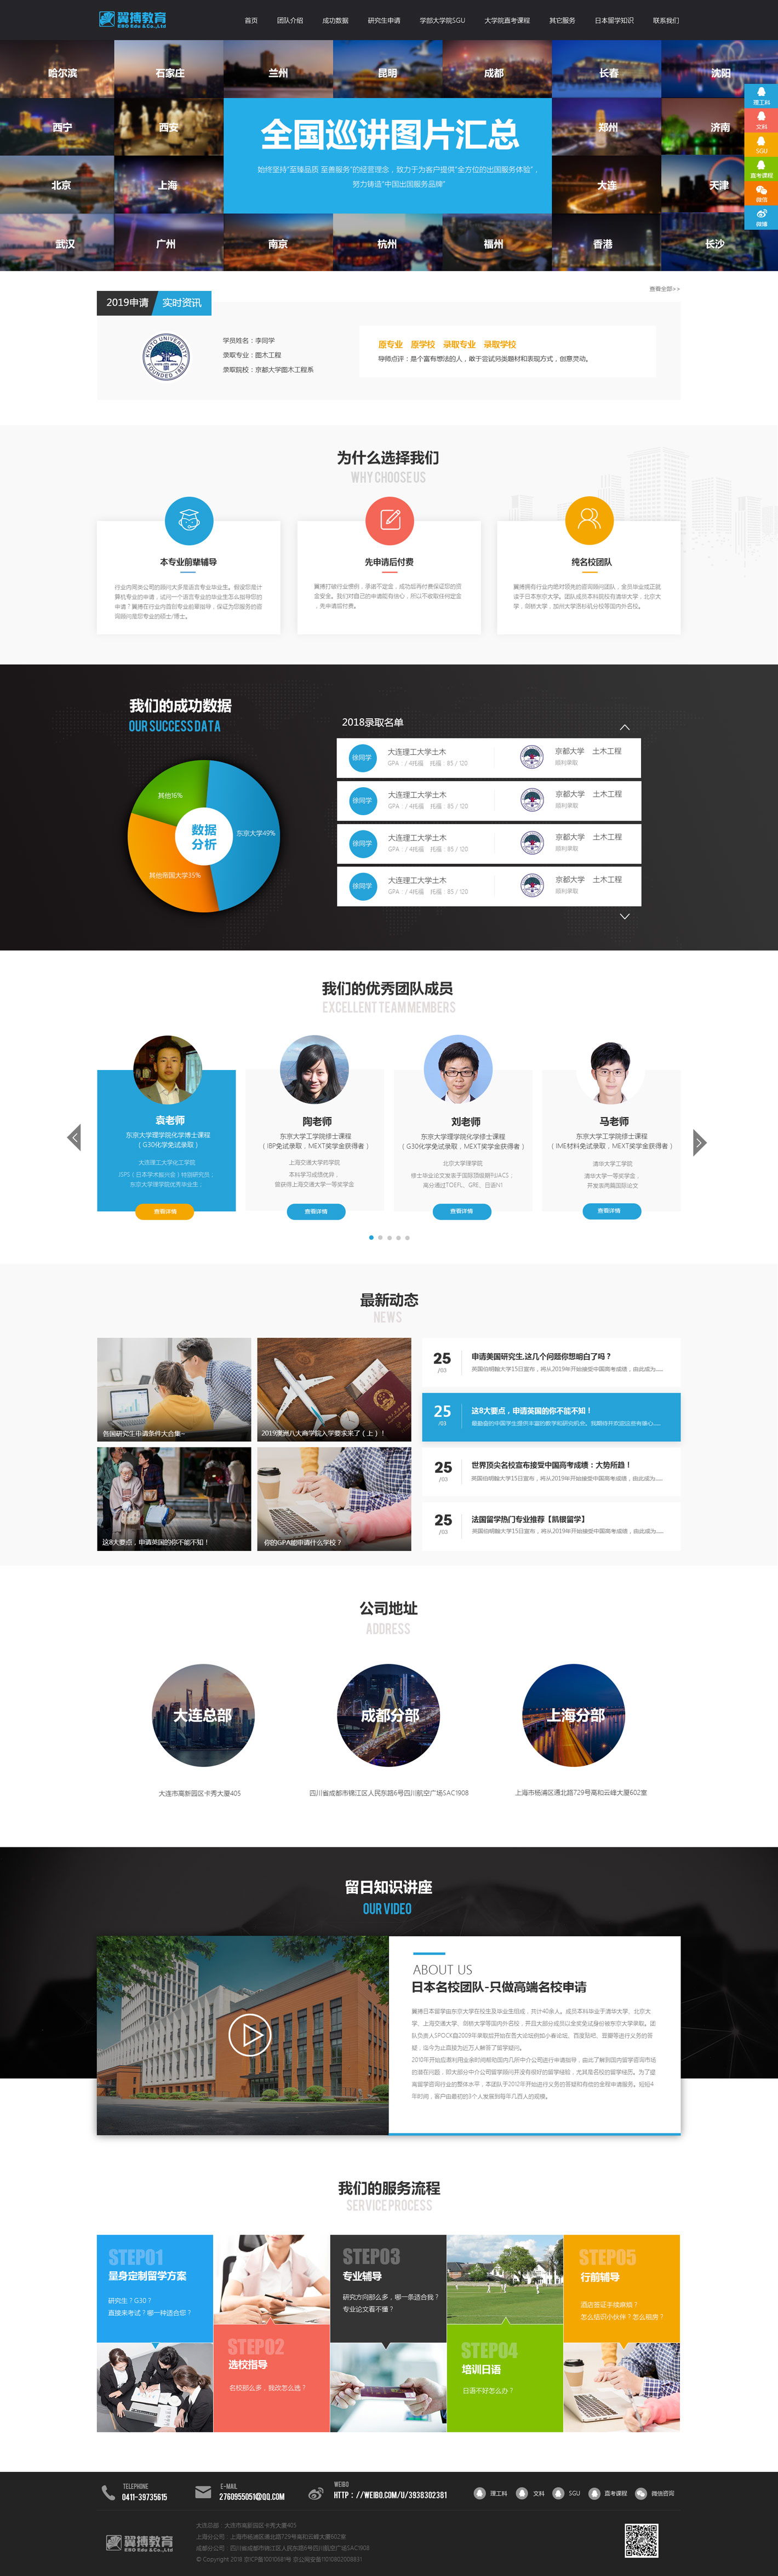 网站建设公司,SEO网站优化公司